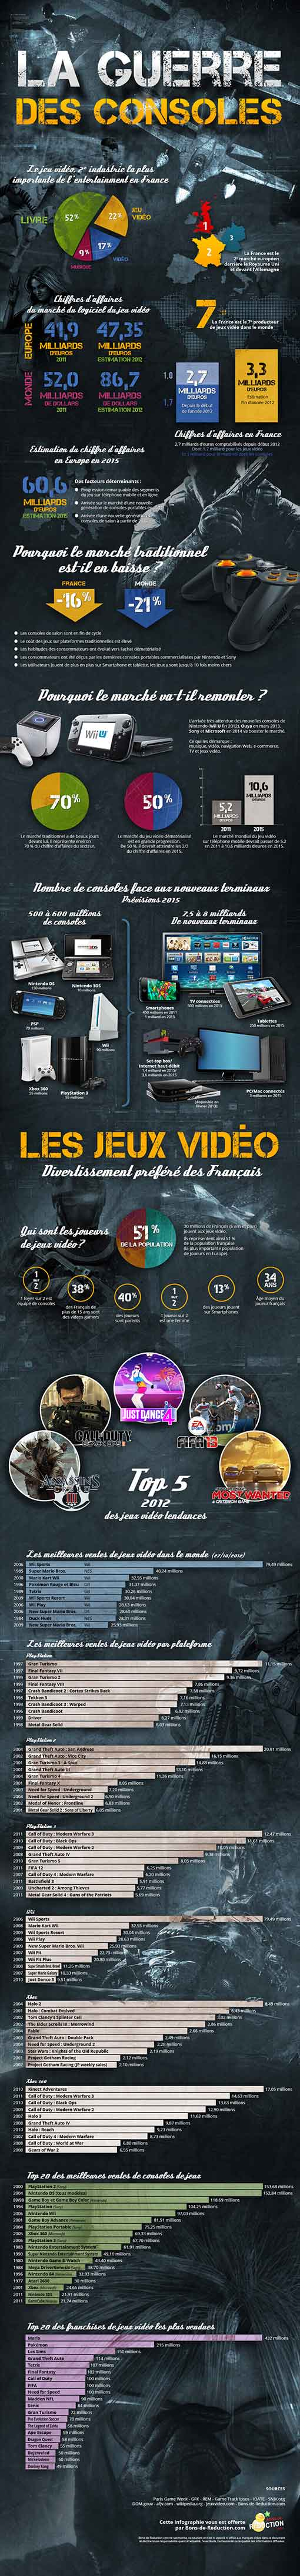 Chiffres clés et tendances des consoles et jeux vidéo en France